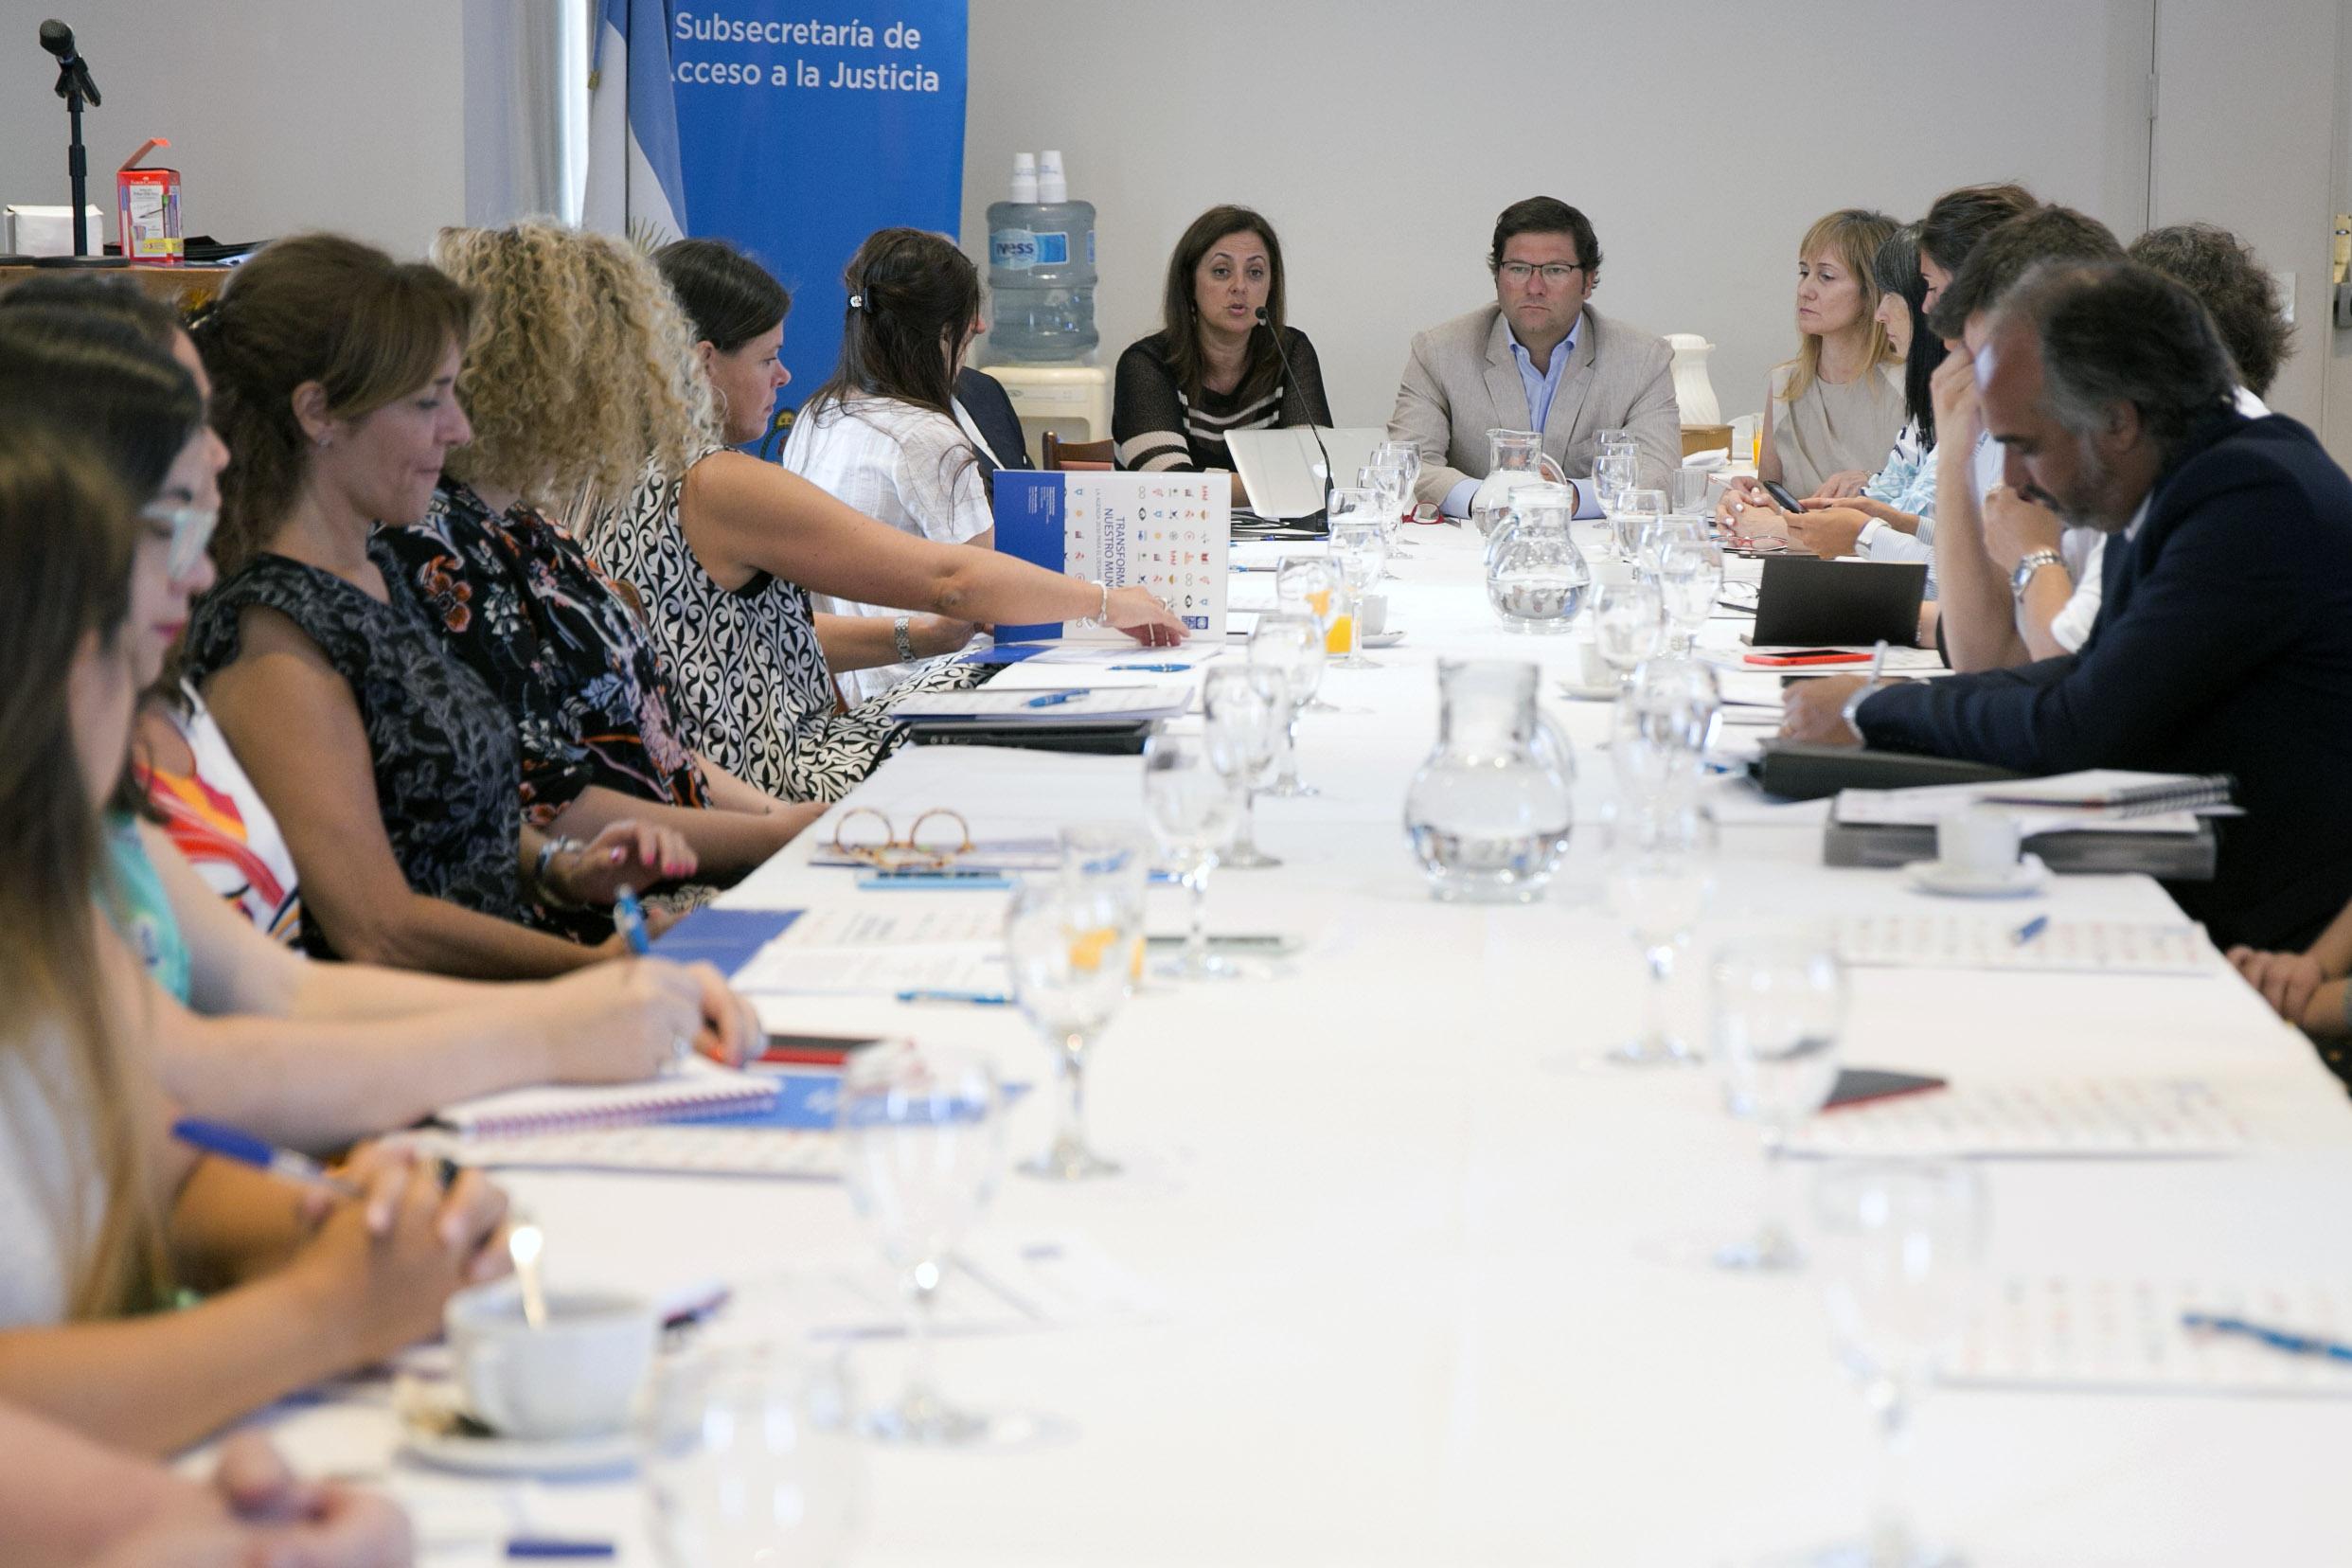 El Ministerio de Justicia y Naciones Unidas realizaron un taller sobre prevención y lucha contra la trata de personas